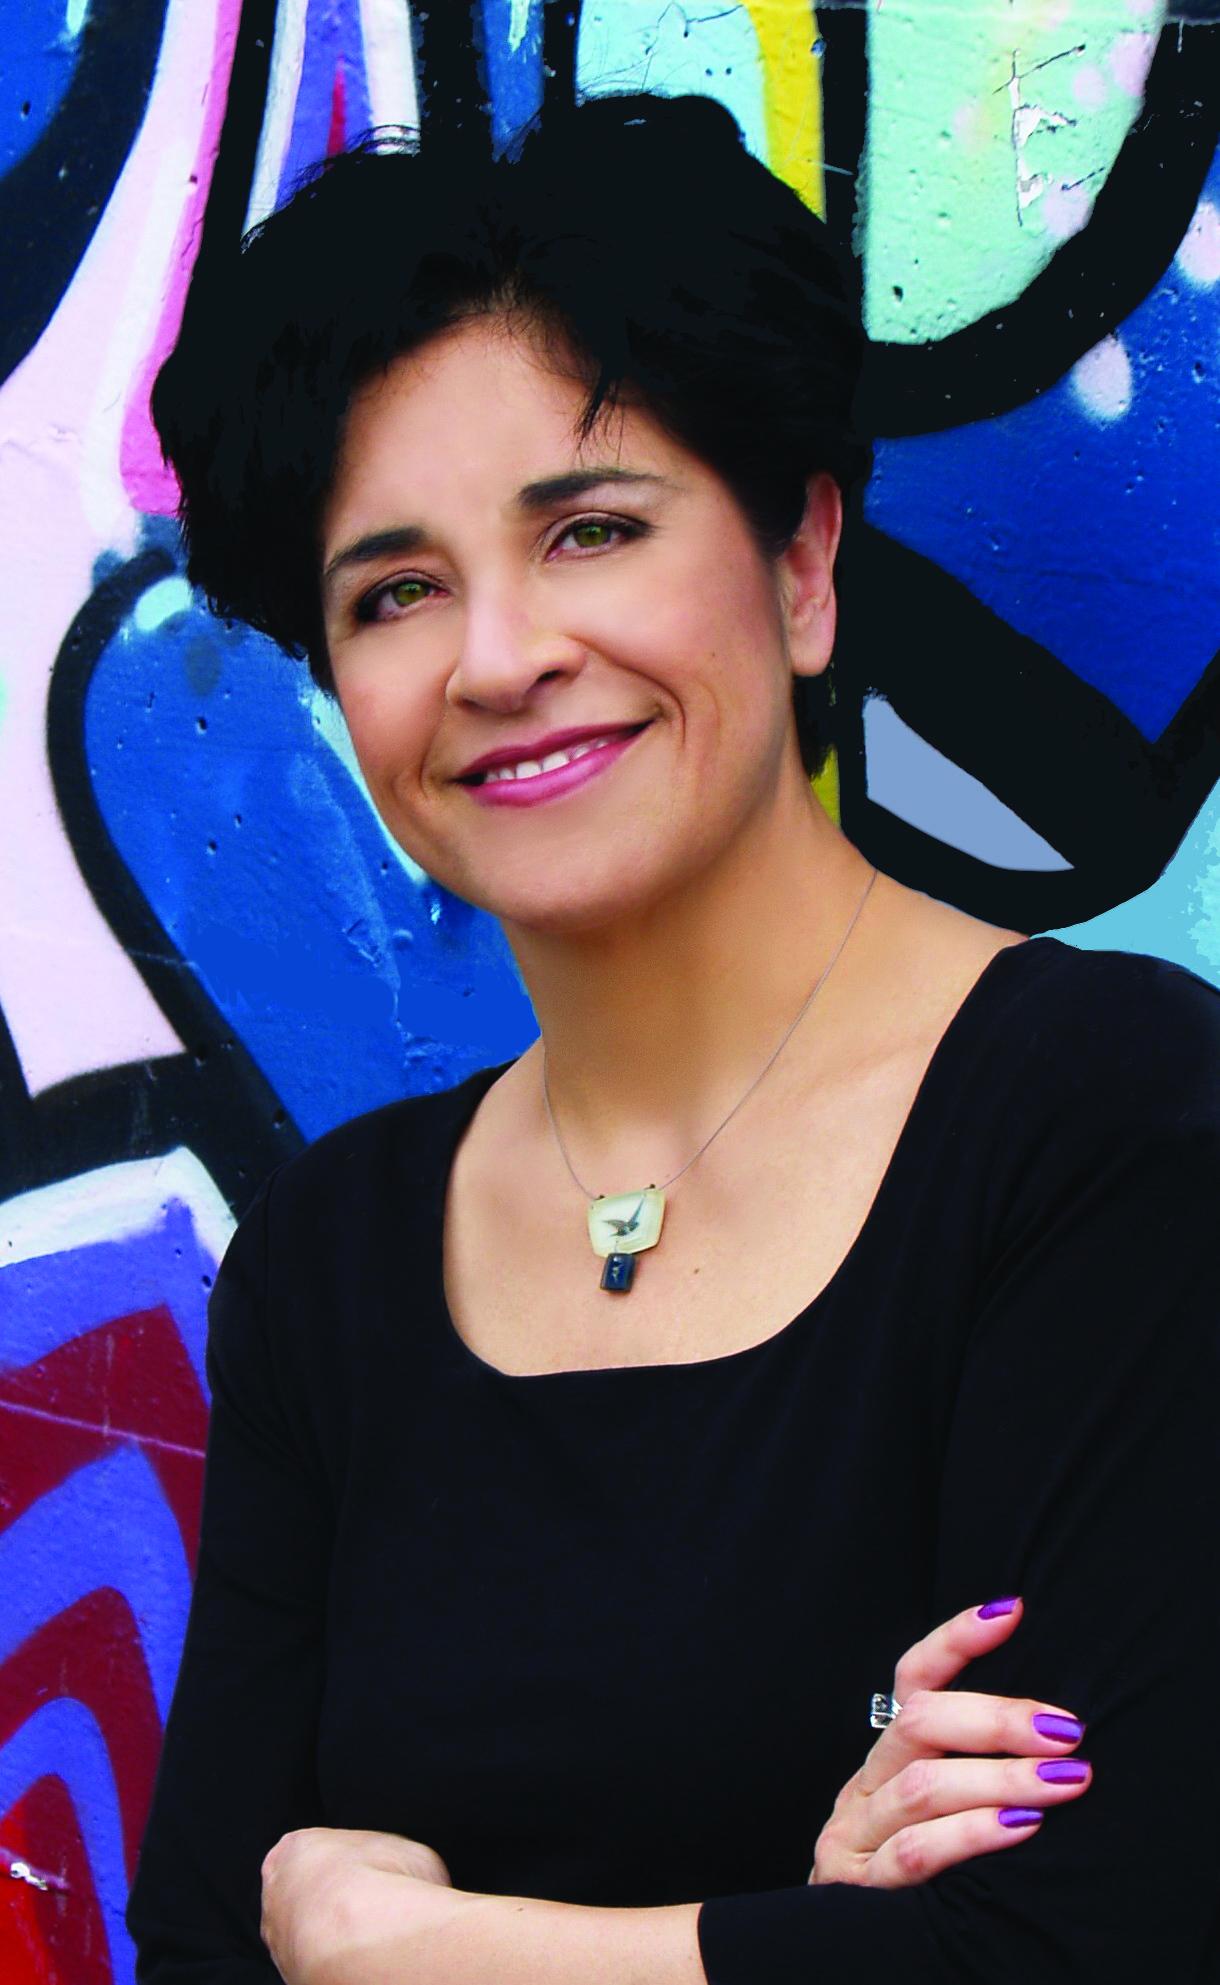 Dr. Letica Neito